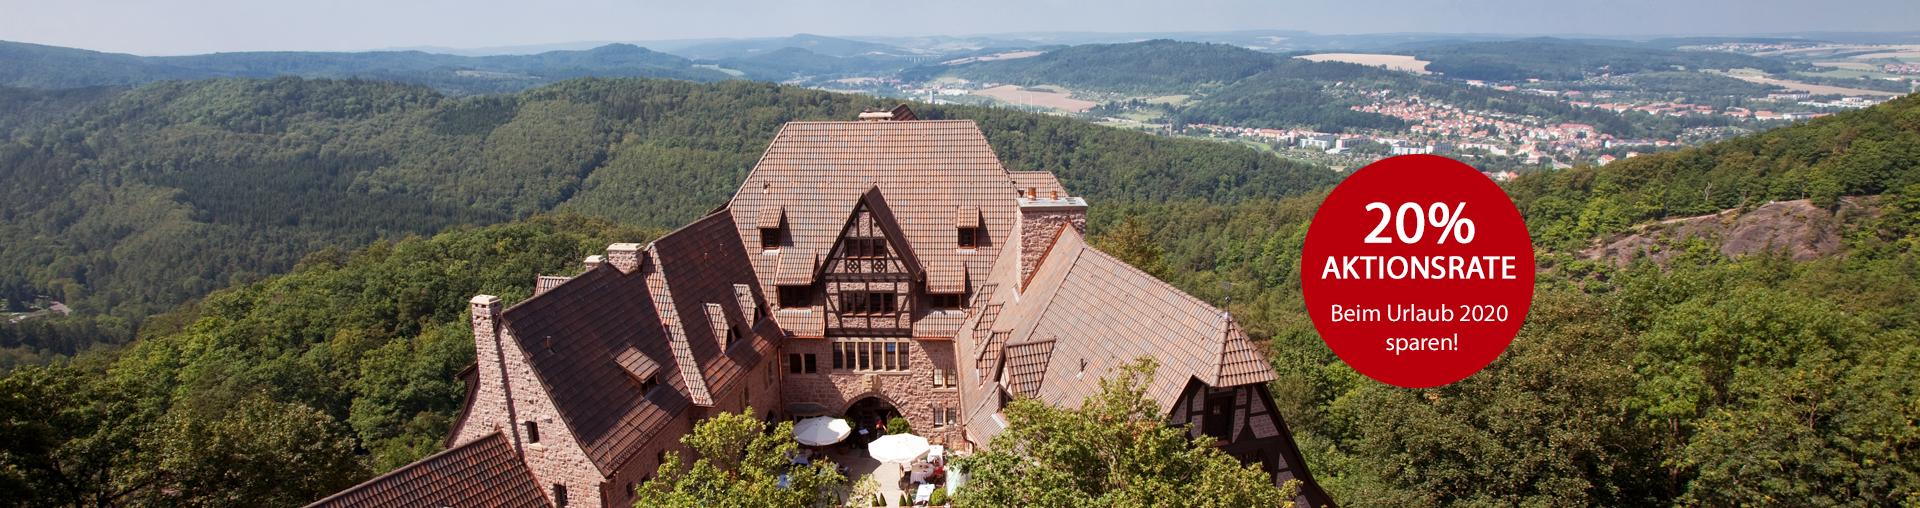 Aktionsrate im Romantik Hotel auf der Wartburg in Eisenach